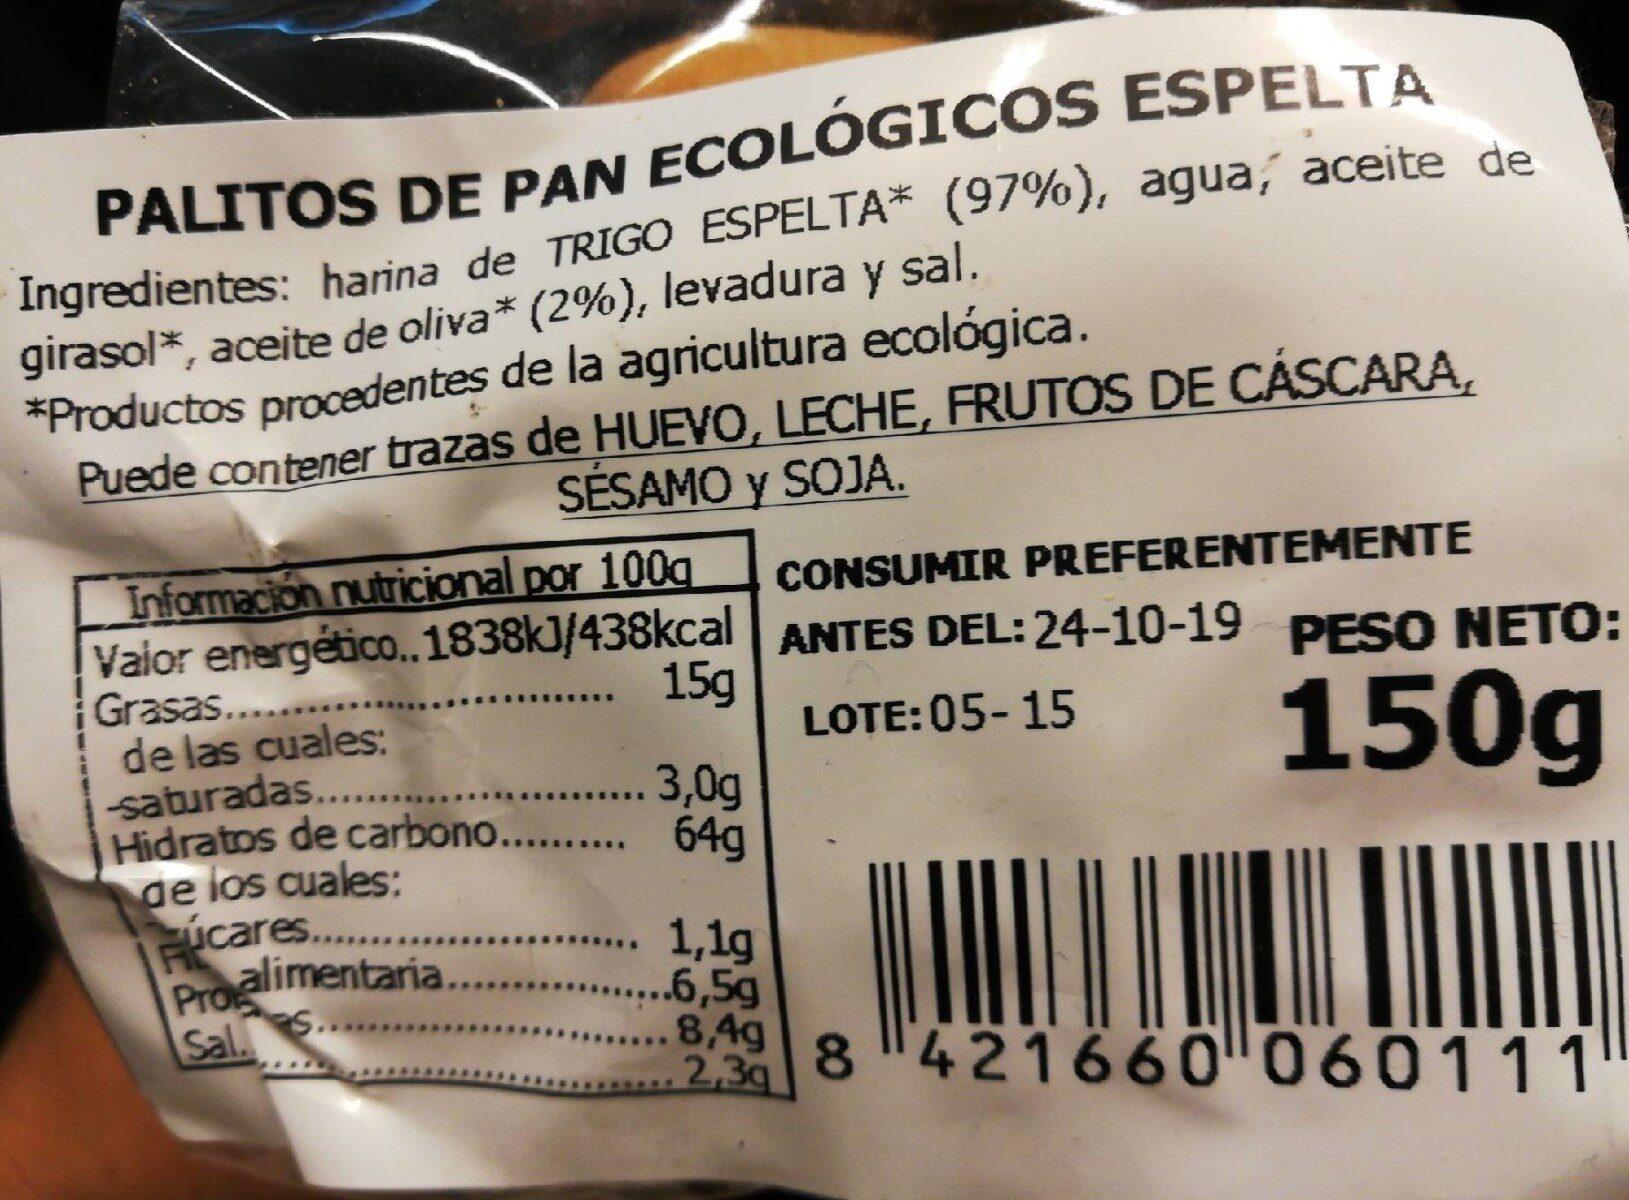 Palitos de pan de espelta ecológicos - Voedigswaarden